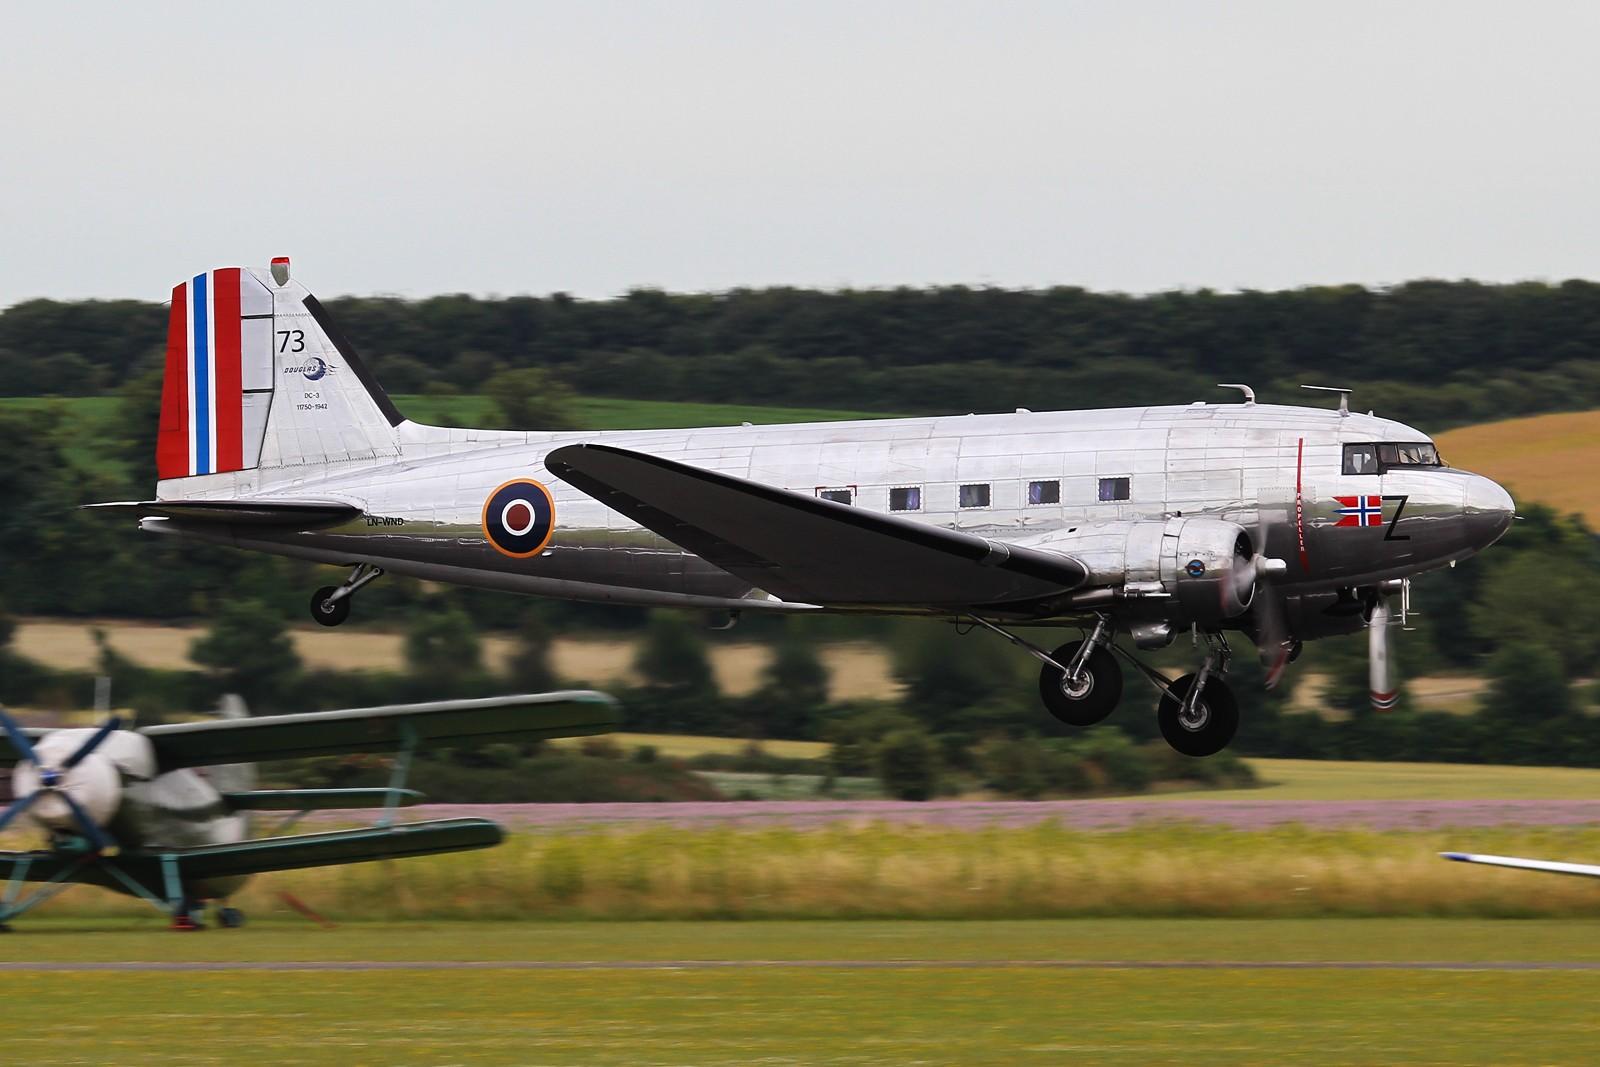 Re:[原创]【NKG/LHR/LCY/FFD/FAB/MAN/FRA/KIX】暑期临近尾声,大不列颠/霓虹流窜记回顾总结 DOUGLAS DC-3 LN-WND Imperial War Museum Duxford